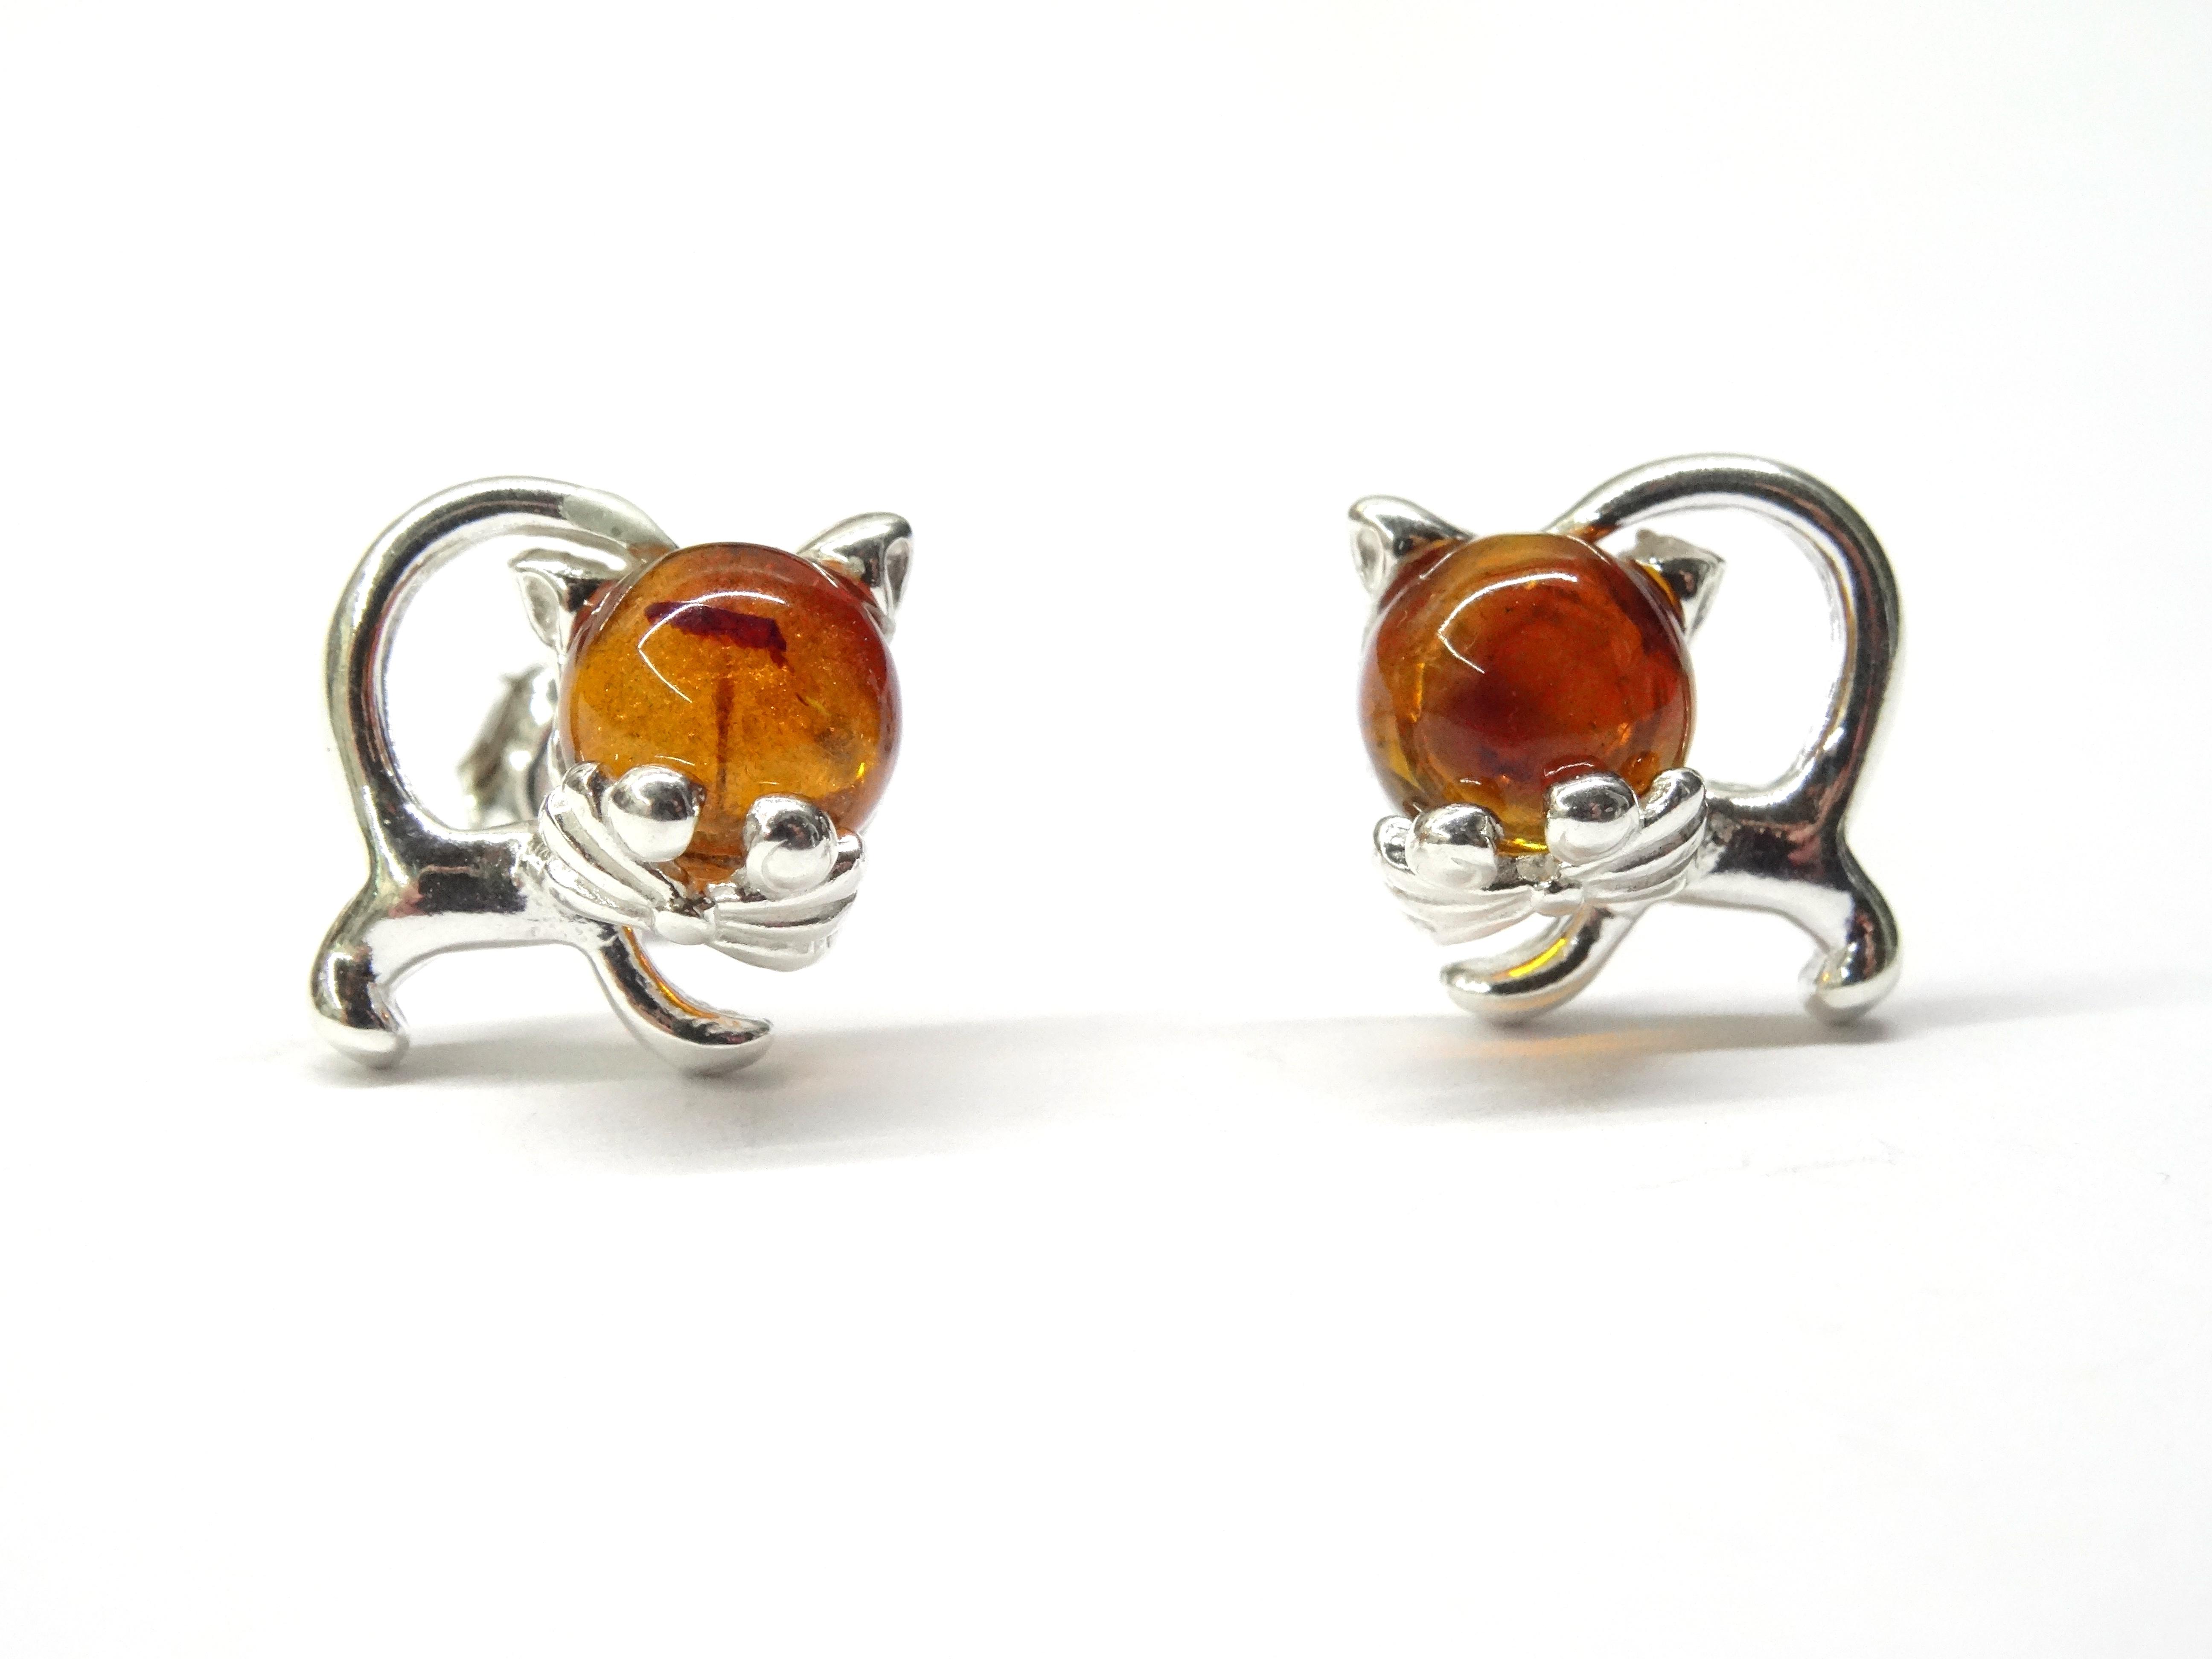 Náušnice - jantarové kočky